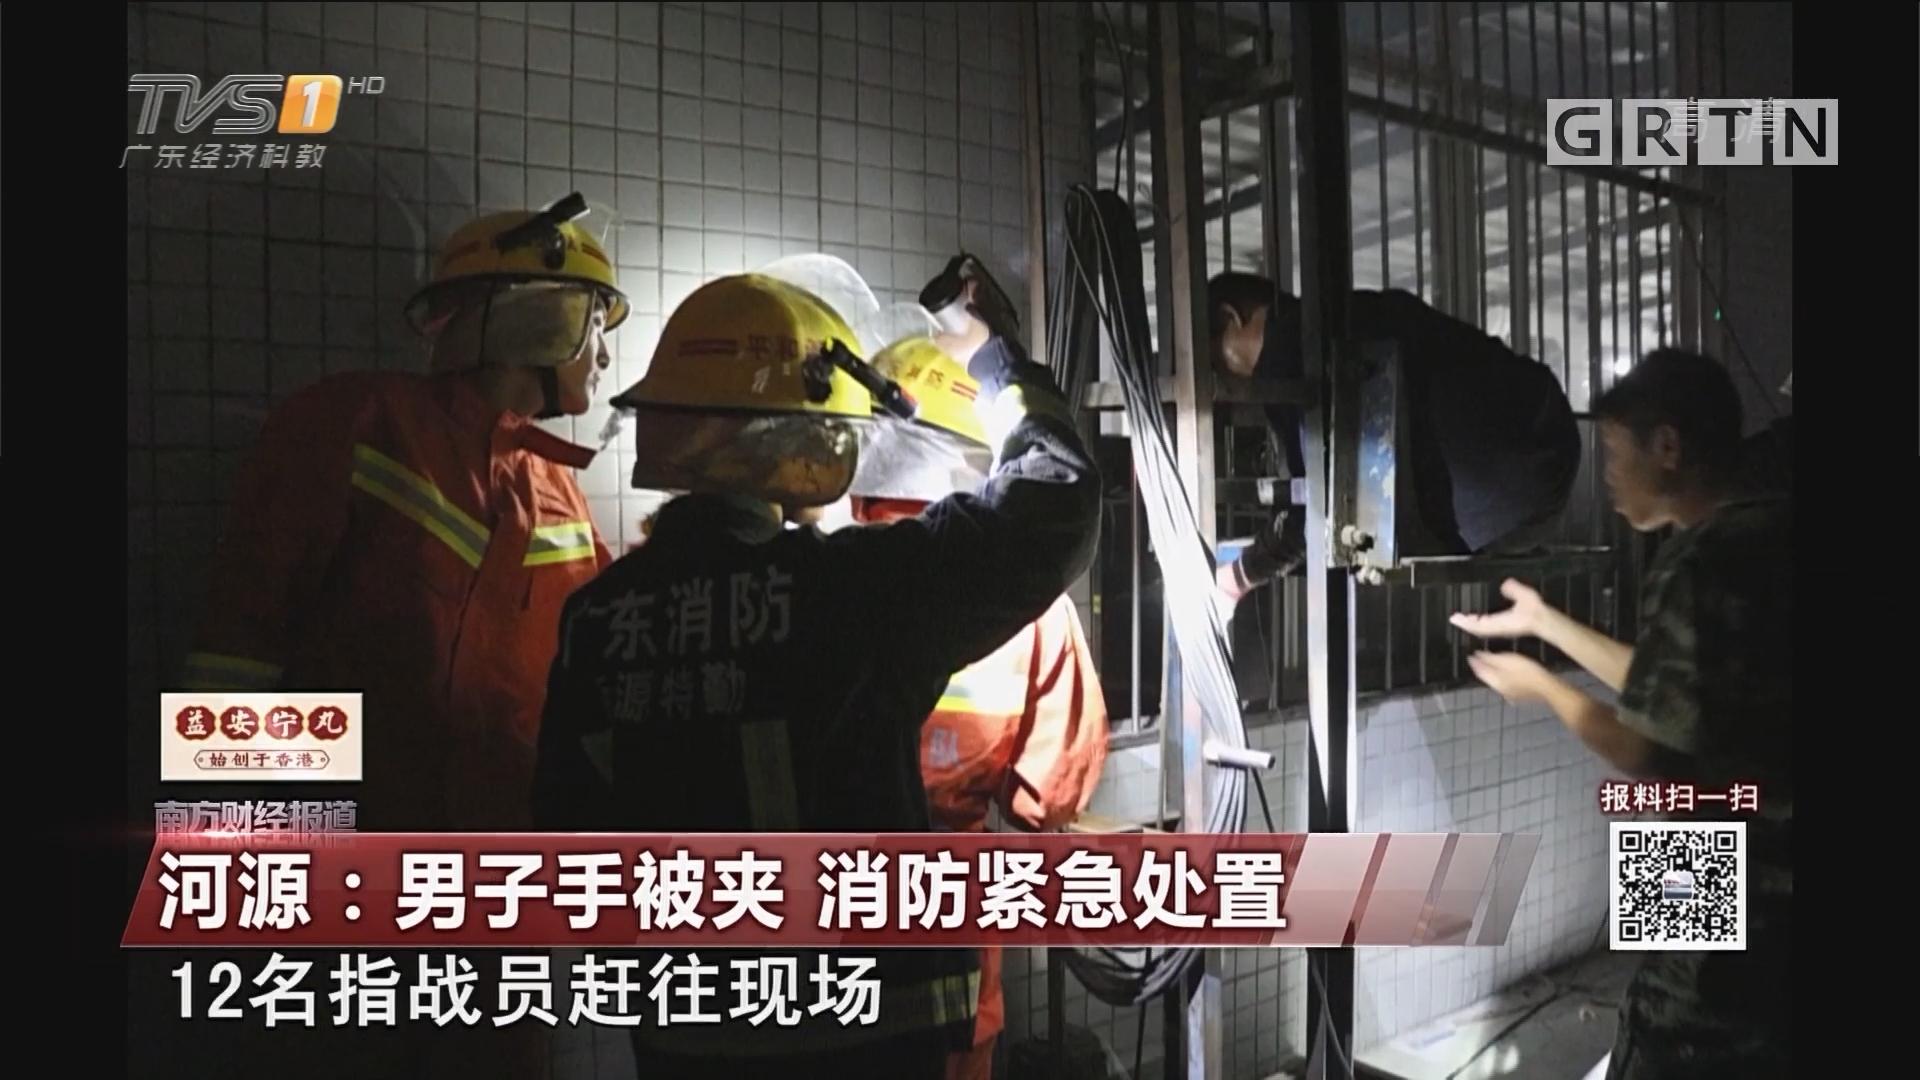 河源:男子手被夹 消防紧急处置